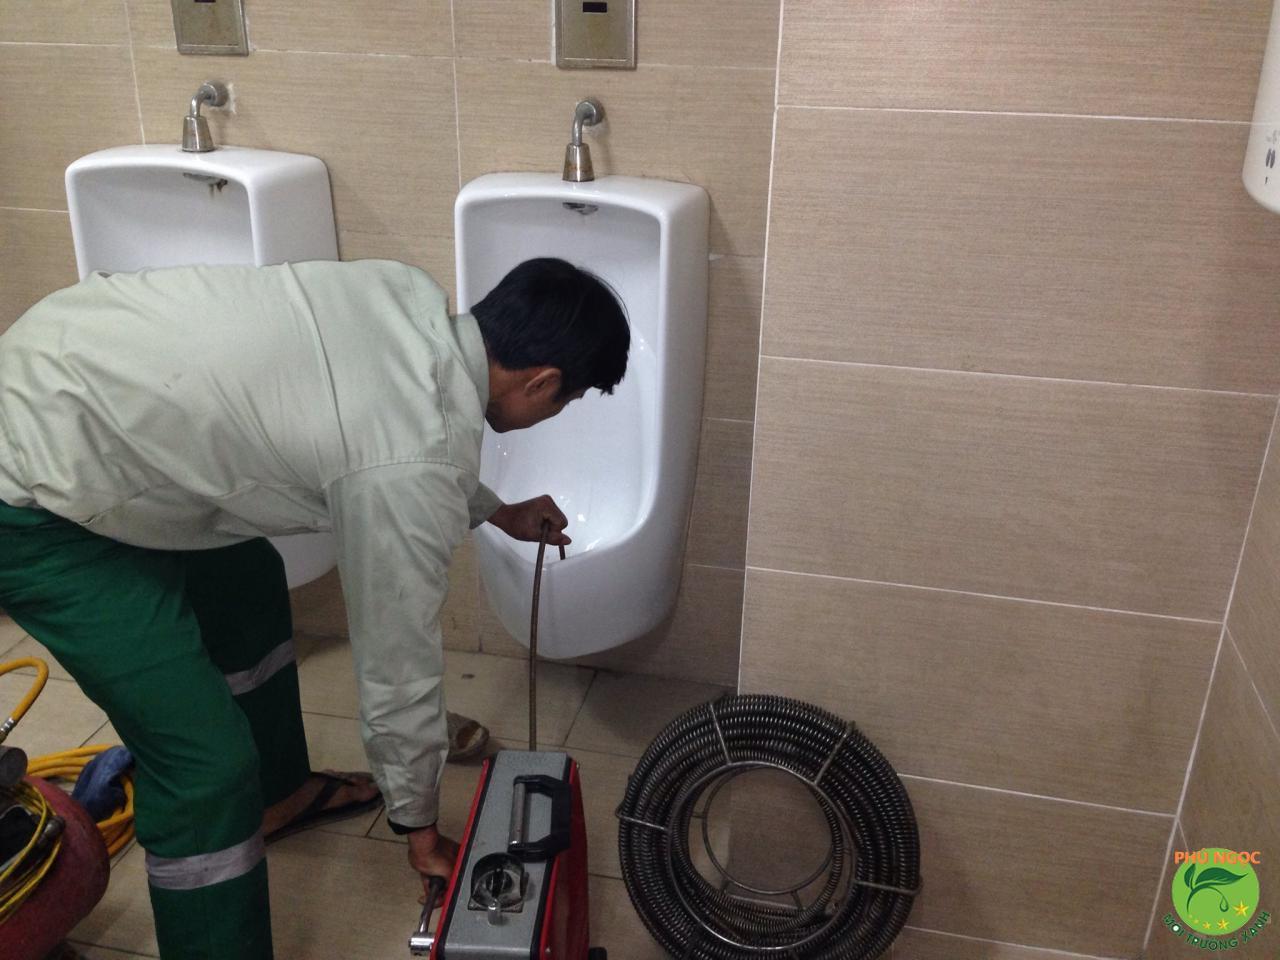 Phú Ngọc là đơn vị cung cấp dịch vụ rút hầm cầu tại TPHCM uy tín, chuyên nghiệp